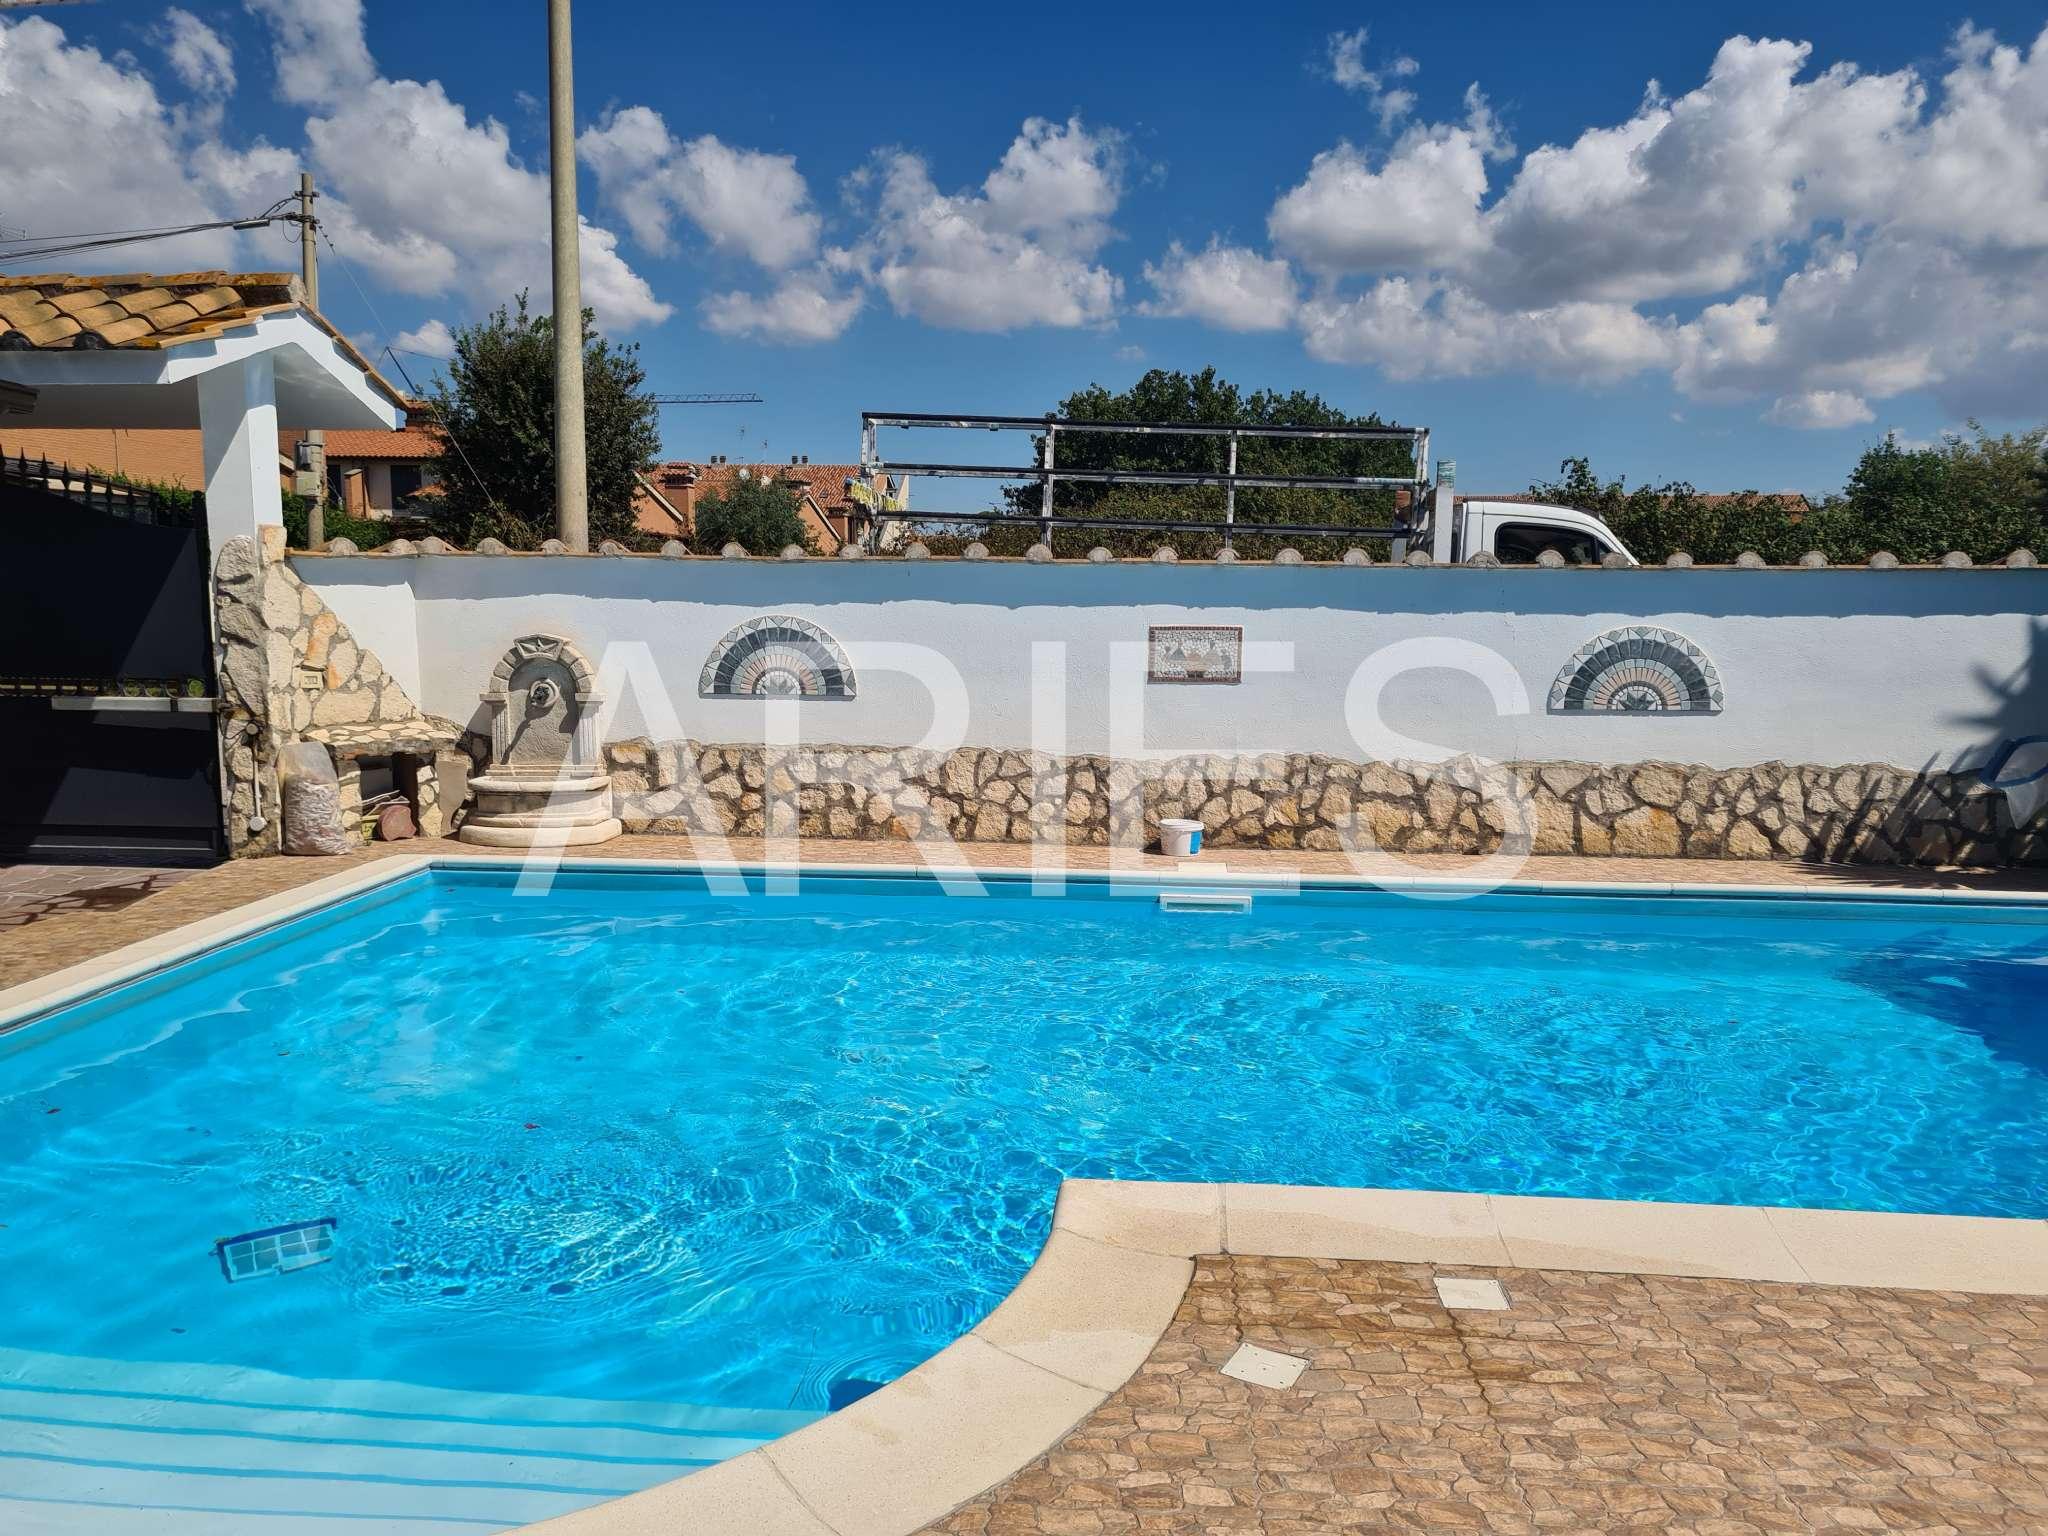 Villa Bifamiliare in vendita a Roma, 4 locali, zona Zona: 38 . Acilia, Vitinia, Infernetto, Axa, Casal Palocco, Madonnetta, prezzo € 470.000 | CambioCasa.it